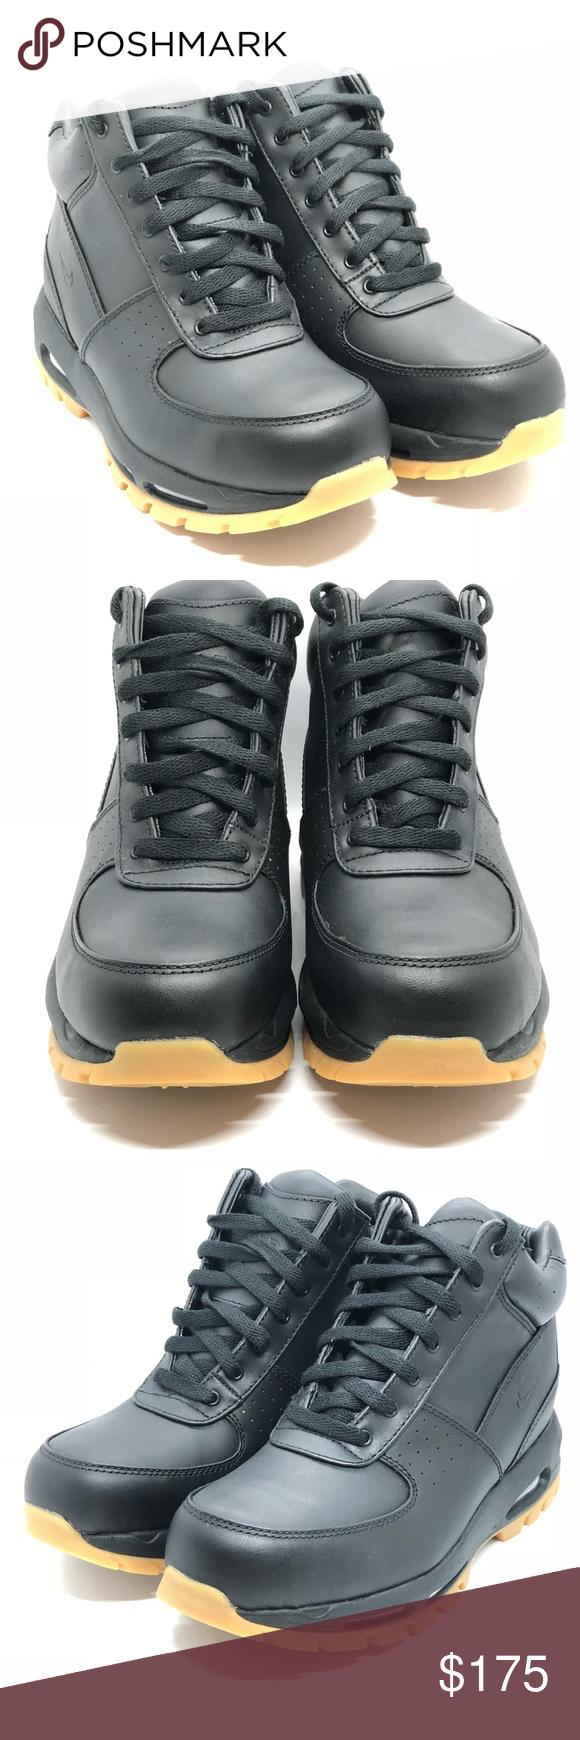 c05baf1c637 Nike Air Max Goadome ACG Boot Size 8 865031-017 Nike Air Max Goadome ...